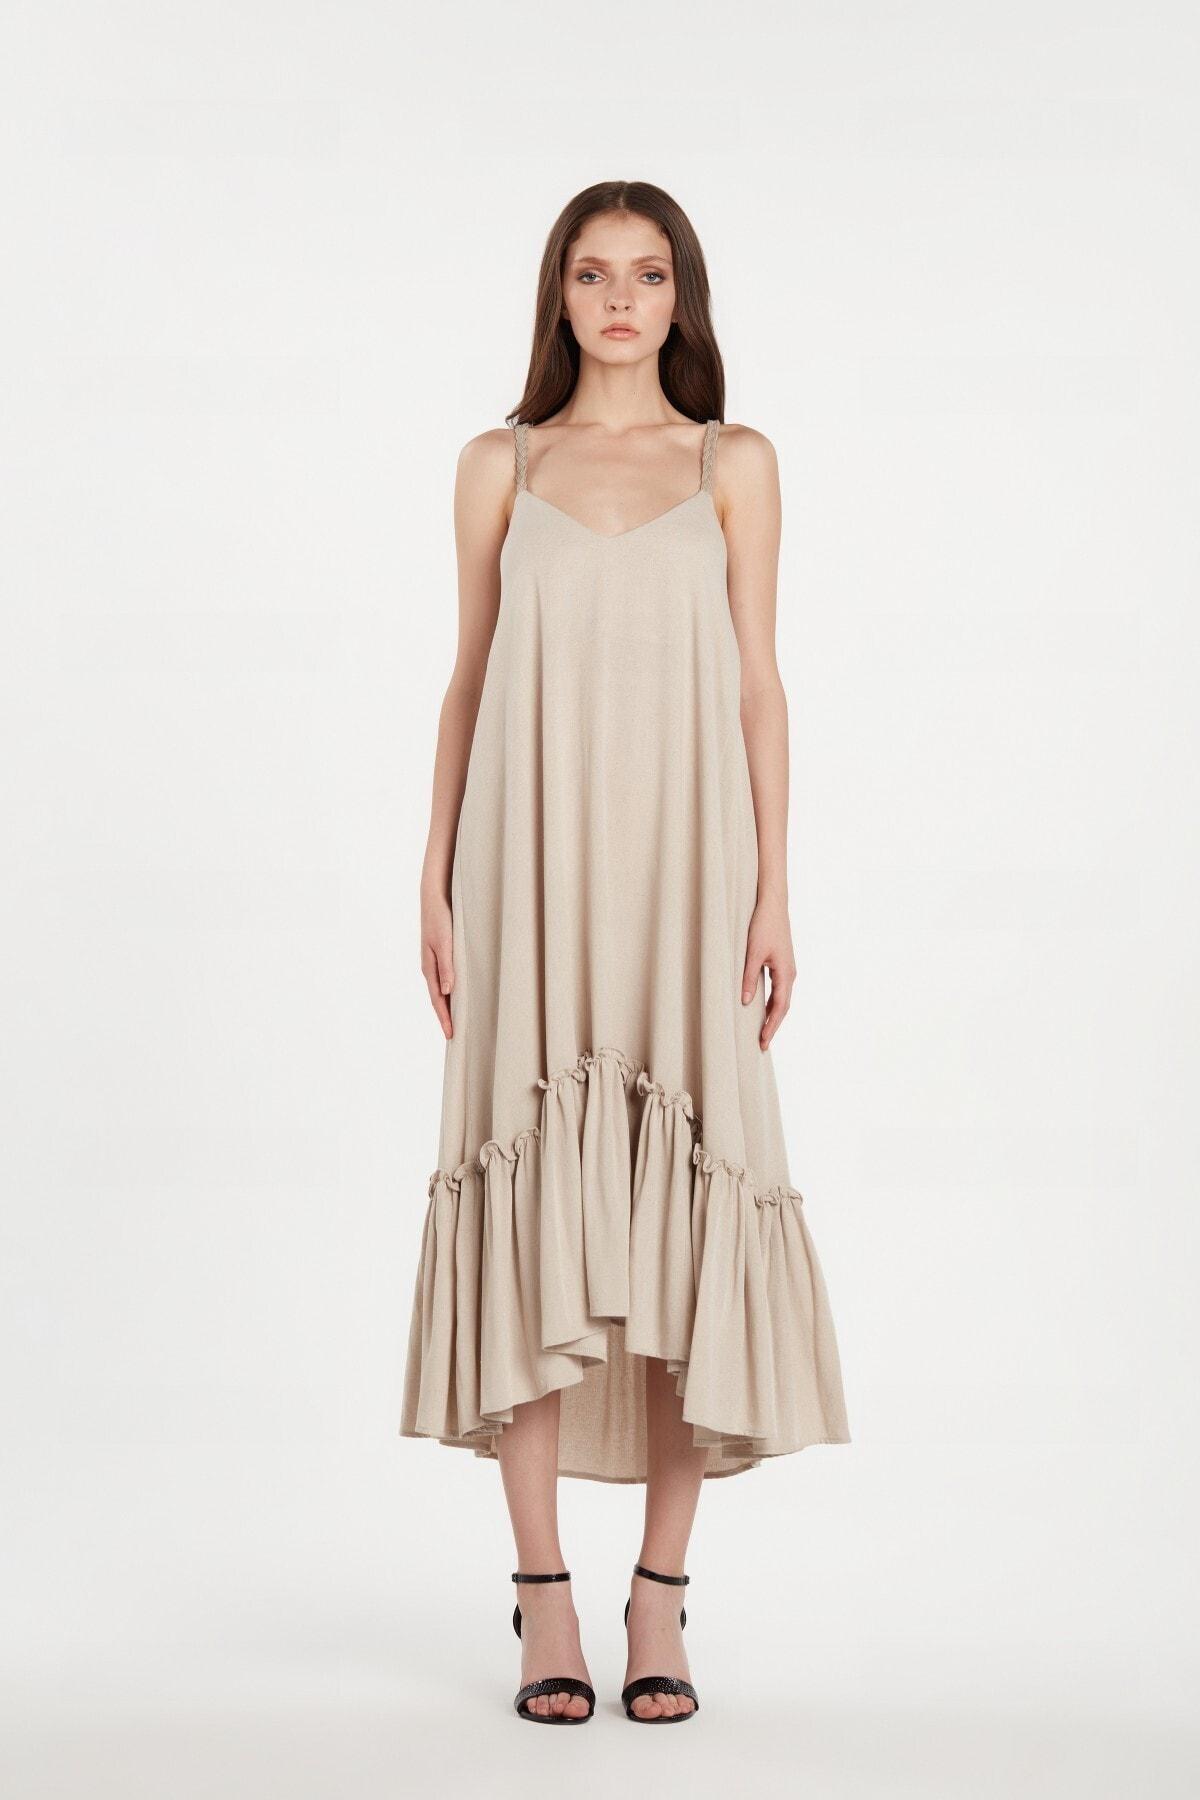 LOVEMETOO Kadın Amelie Bej Rengi Elbise 20y01 1